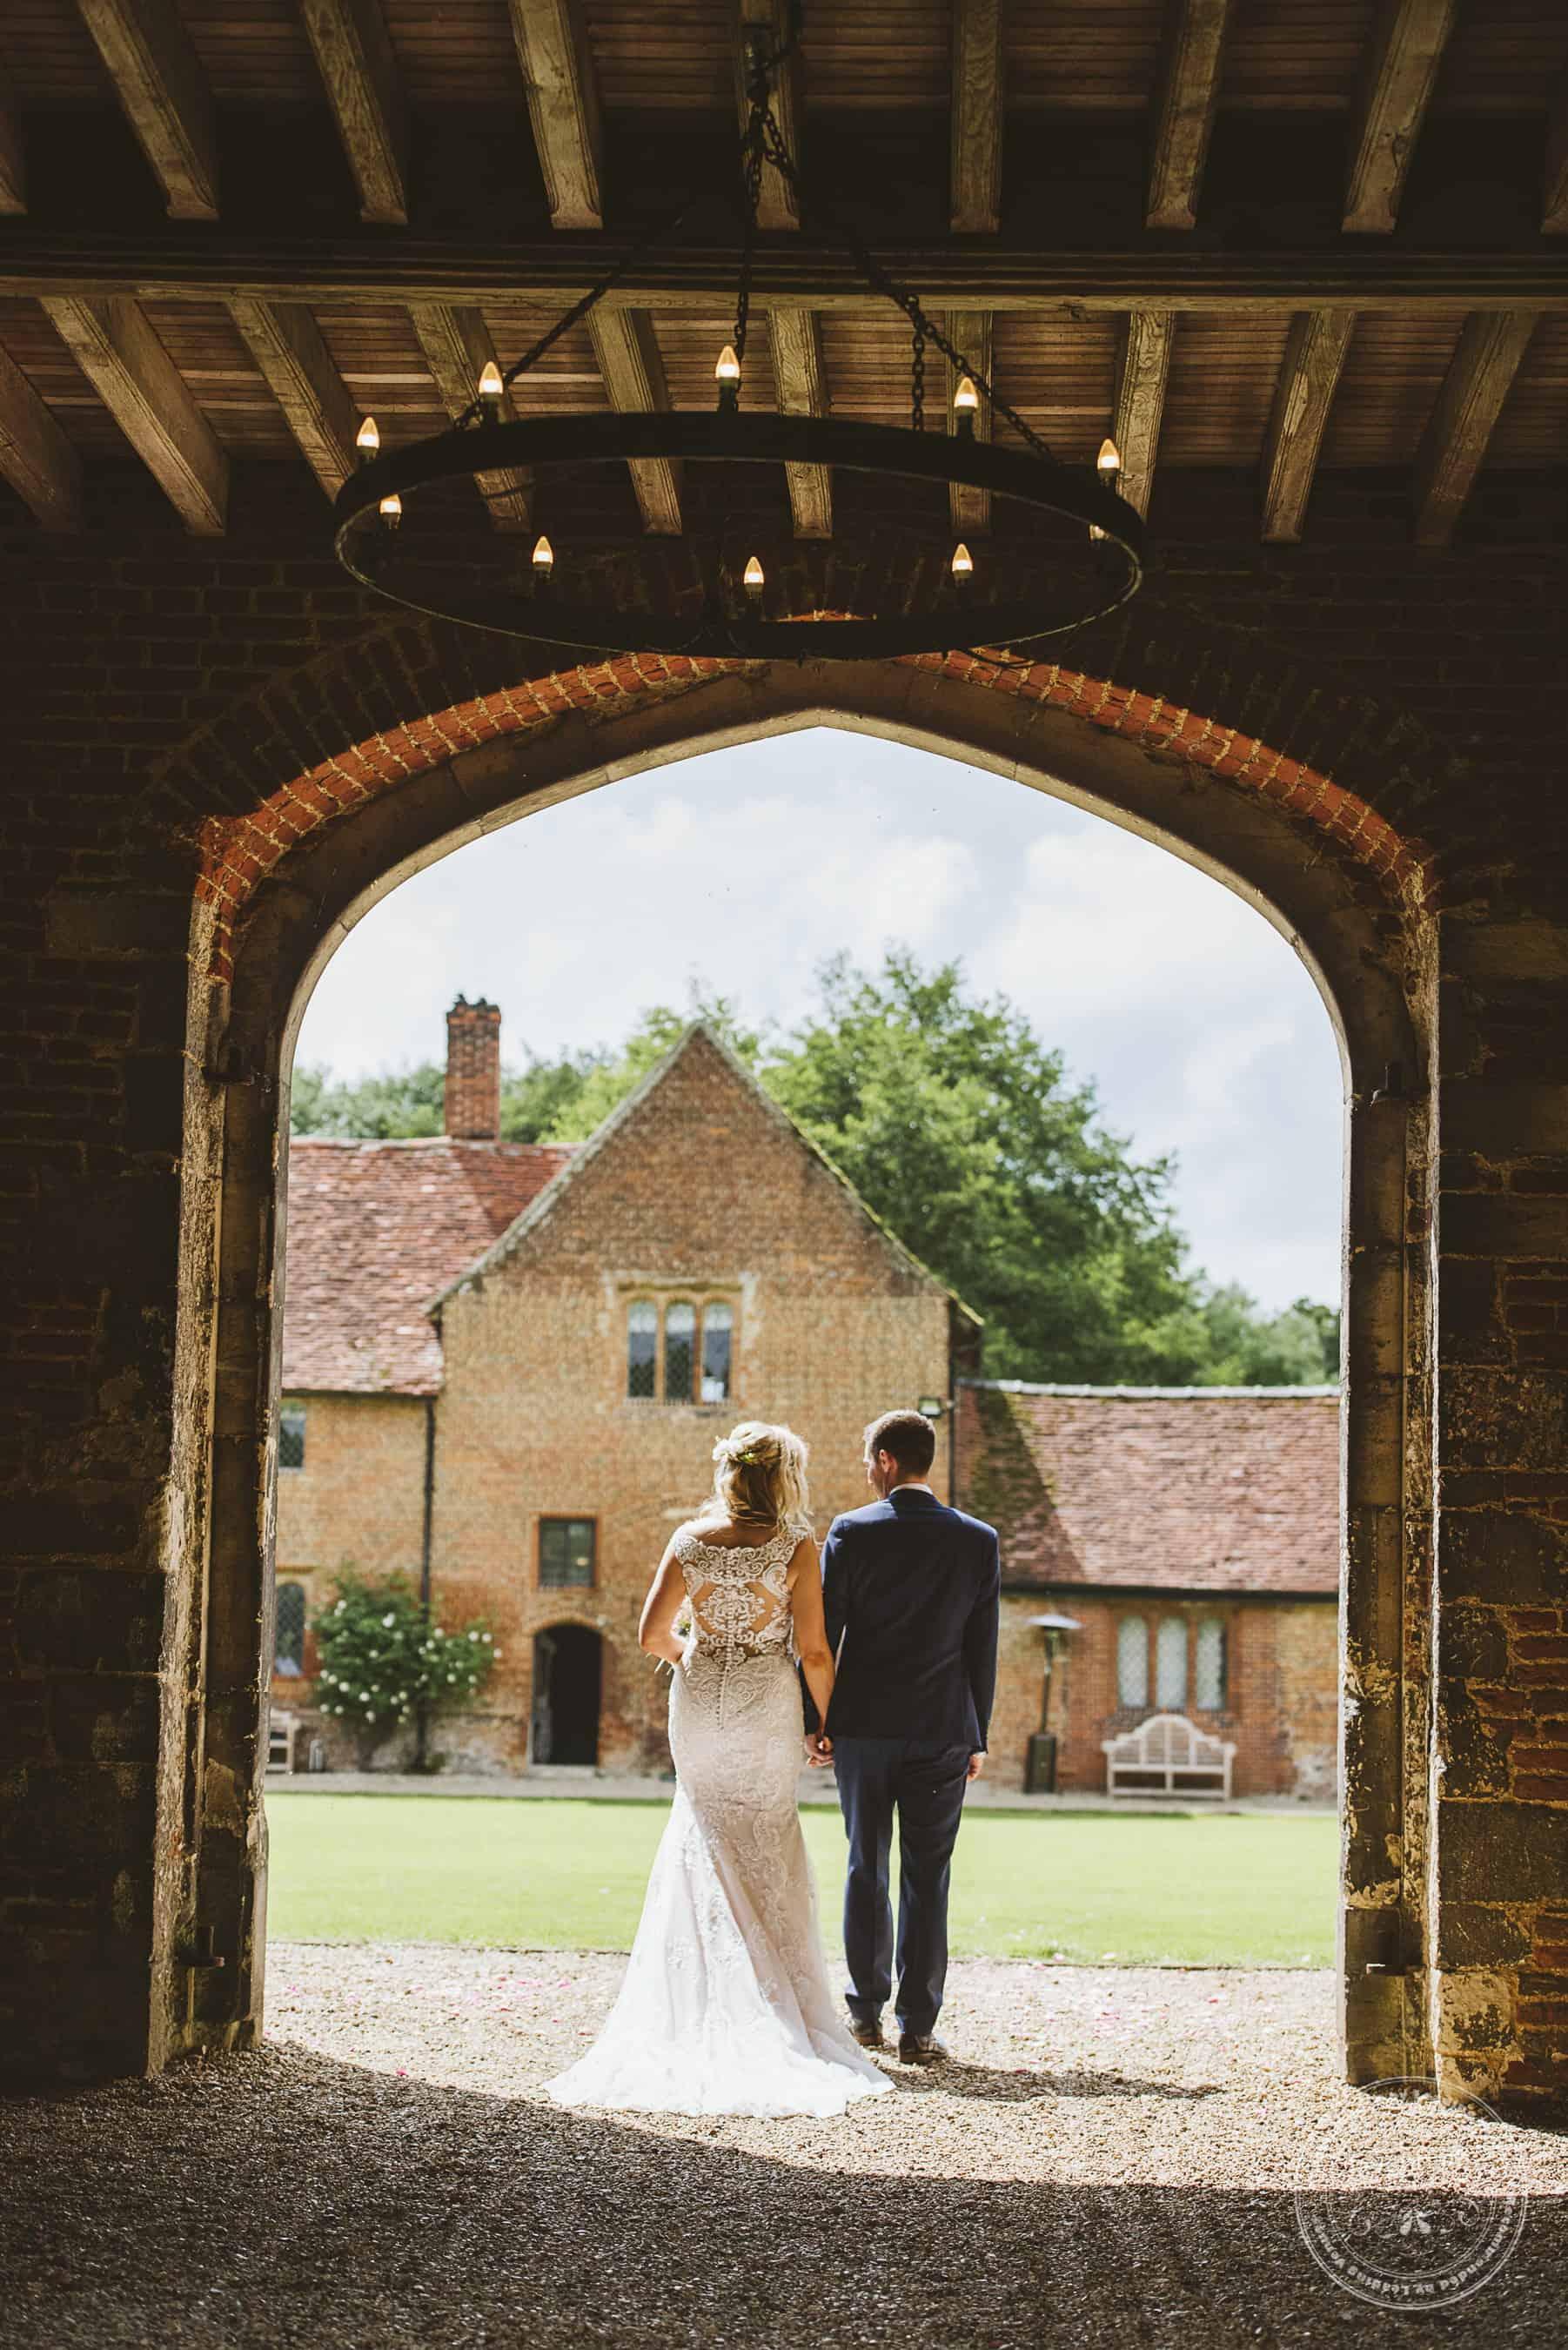 020618 Leez Priory Wedding Photography Lavenham Photographic 105